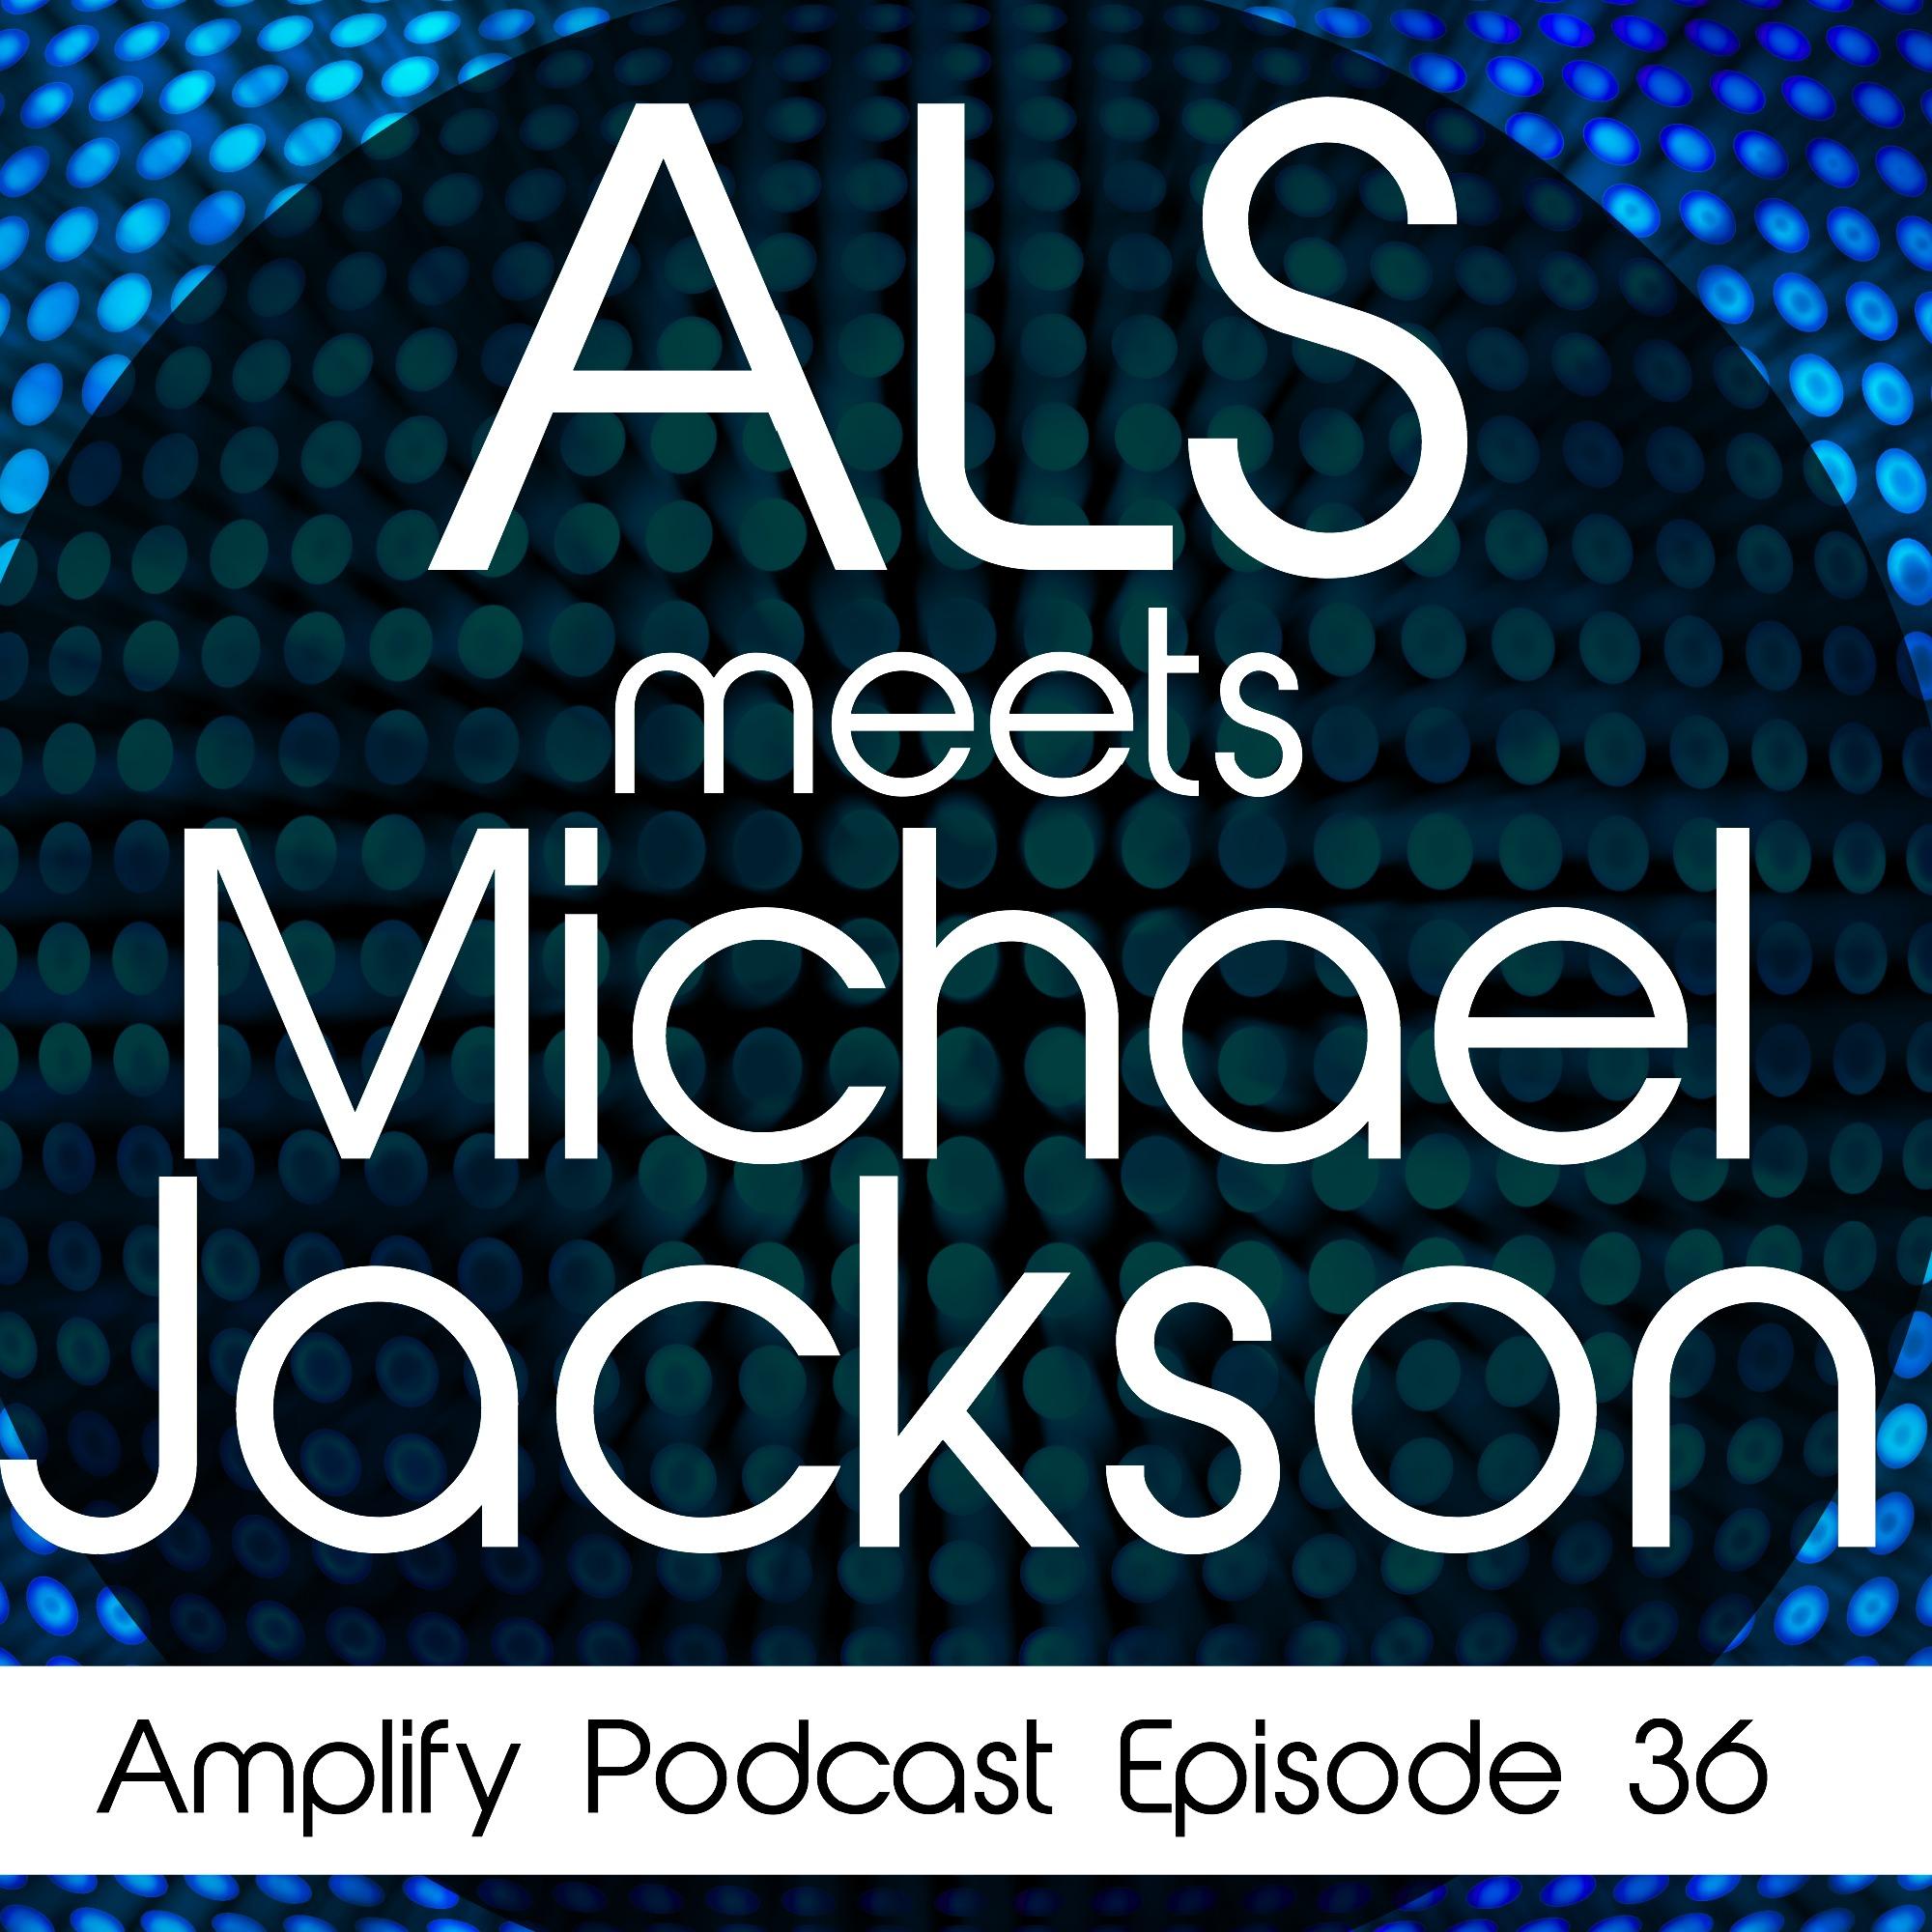 ALS meets Michael Jackson